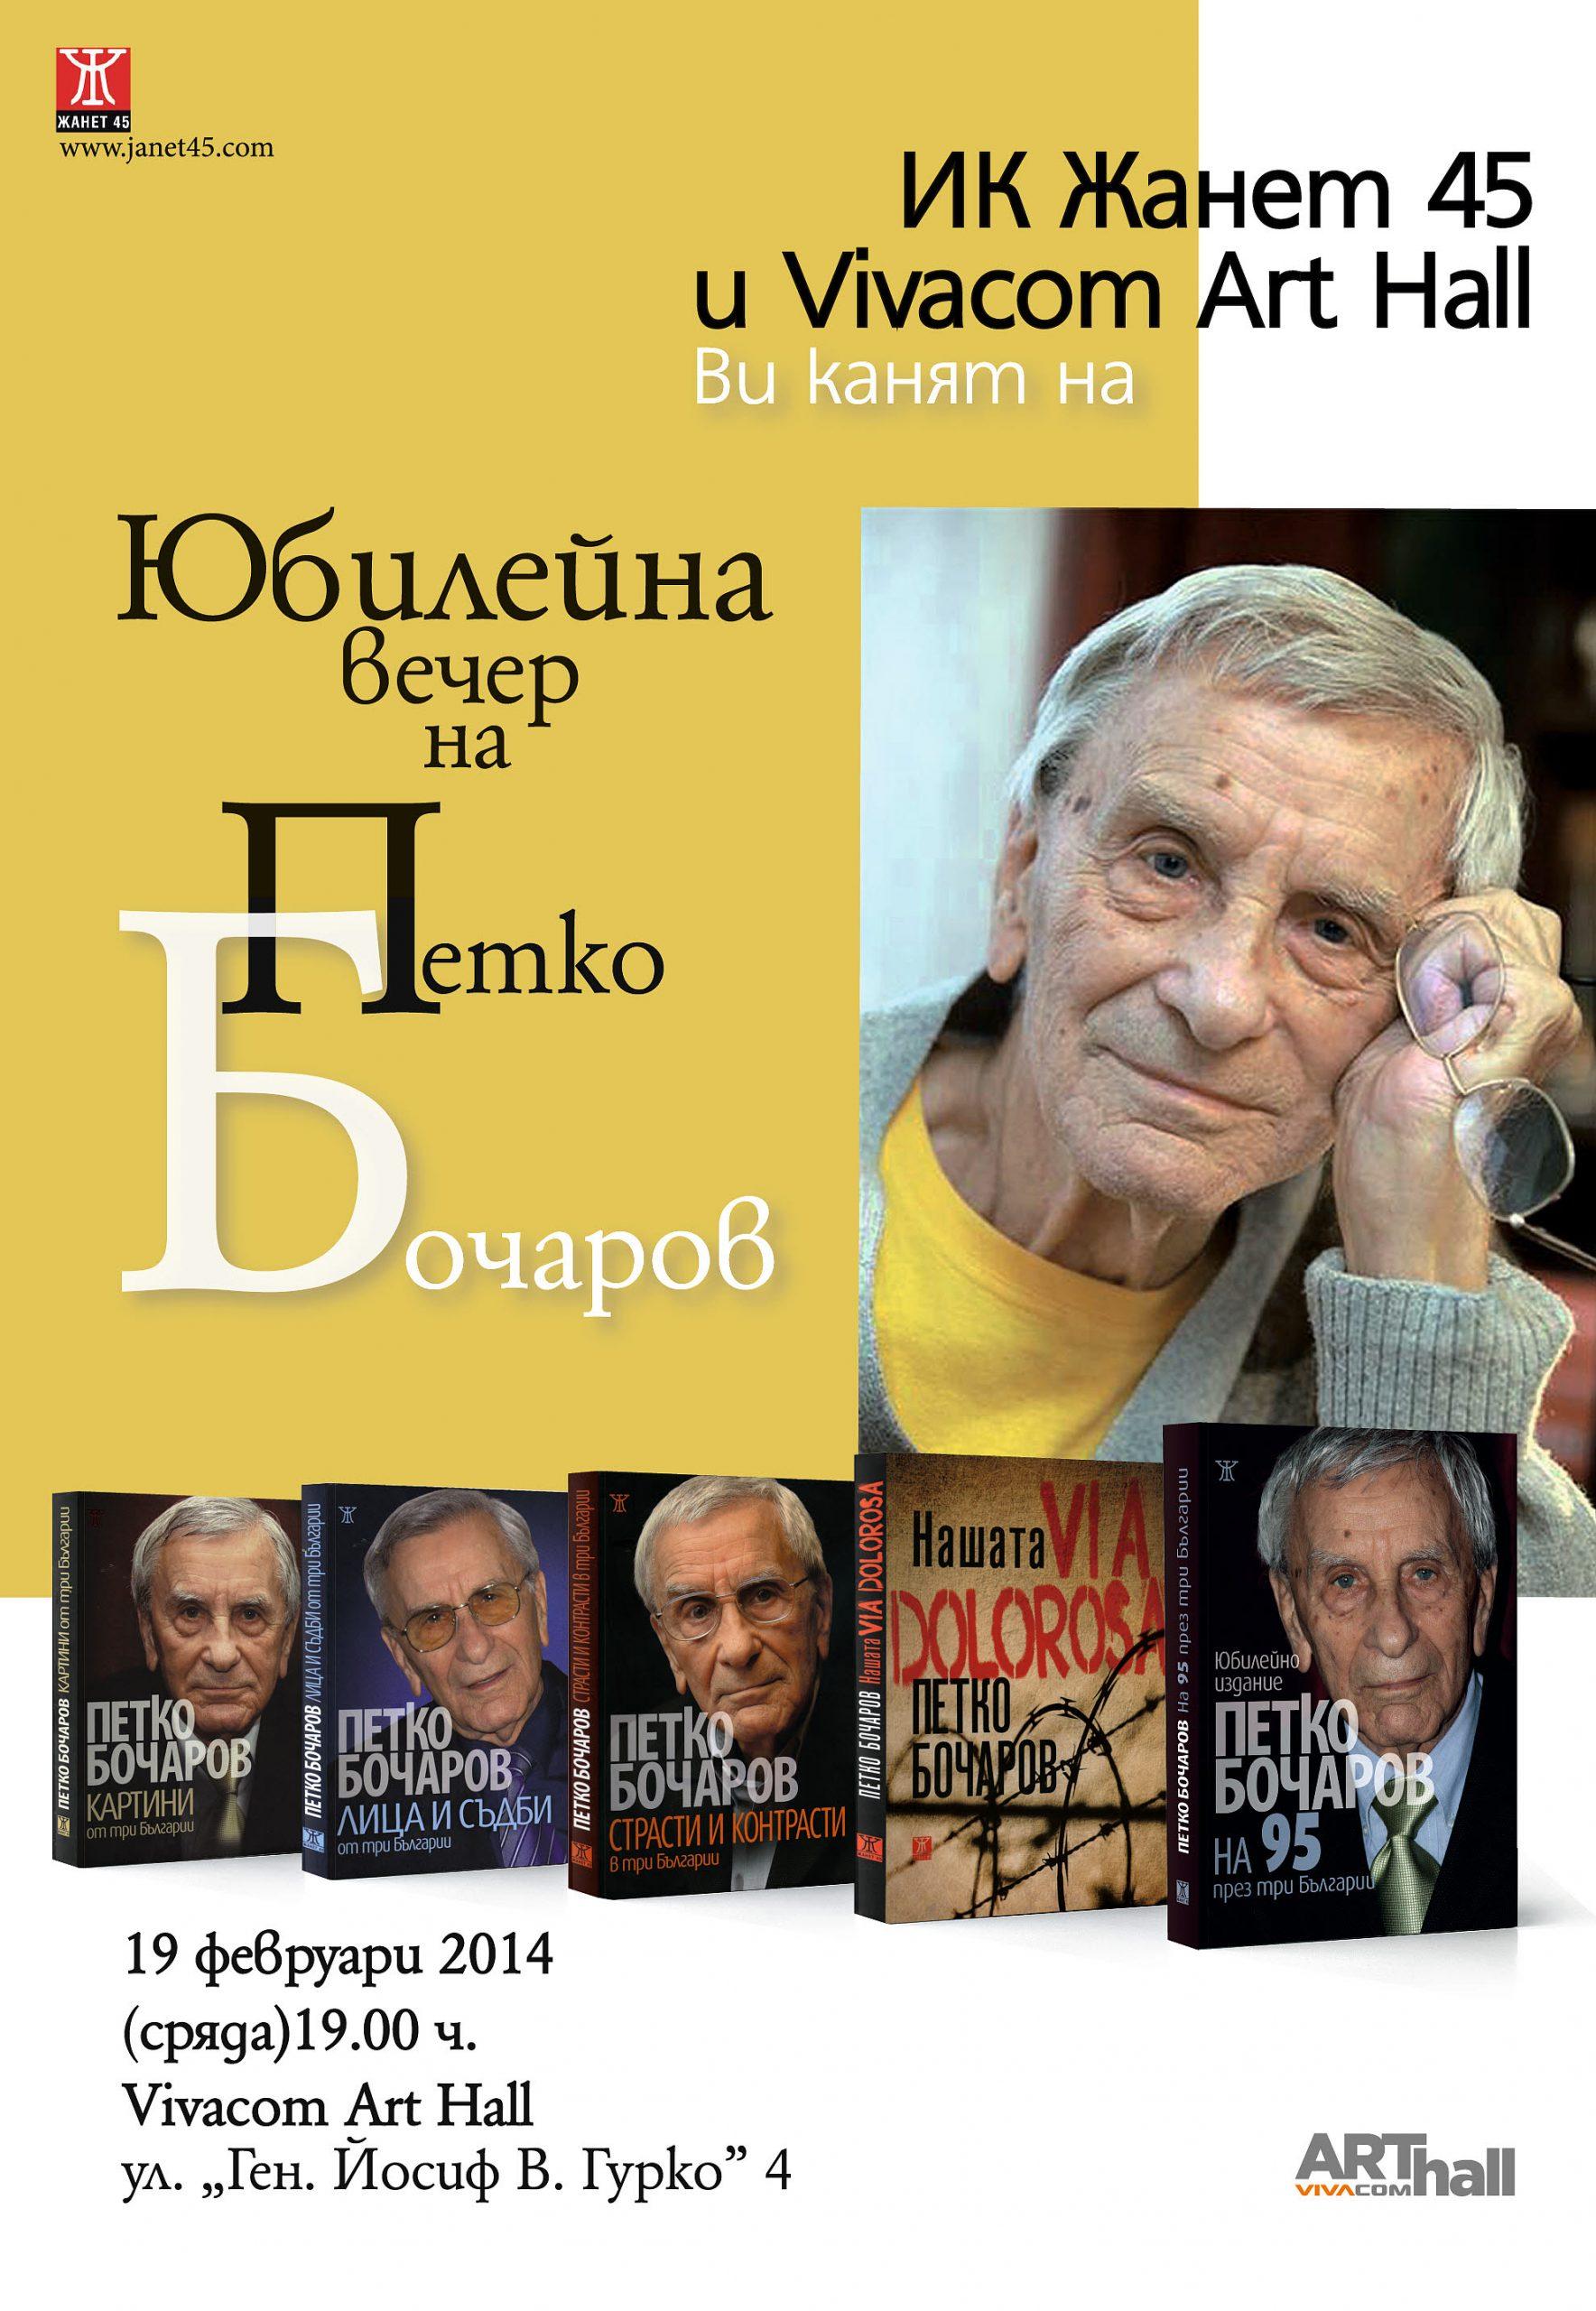 Петко Бочаров на 95 през три Българии!